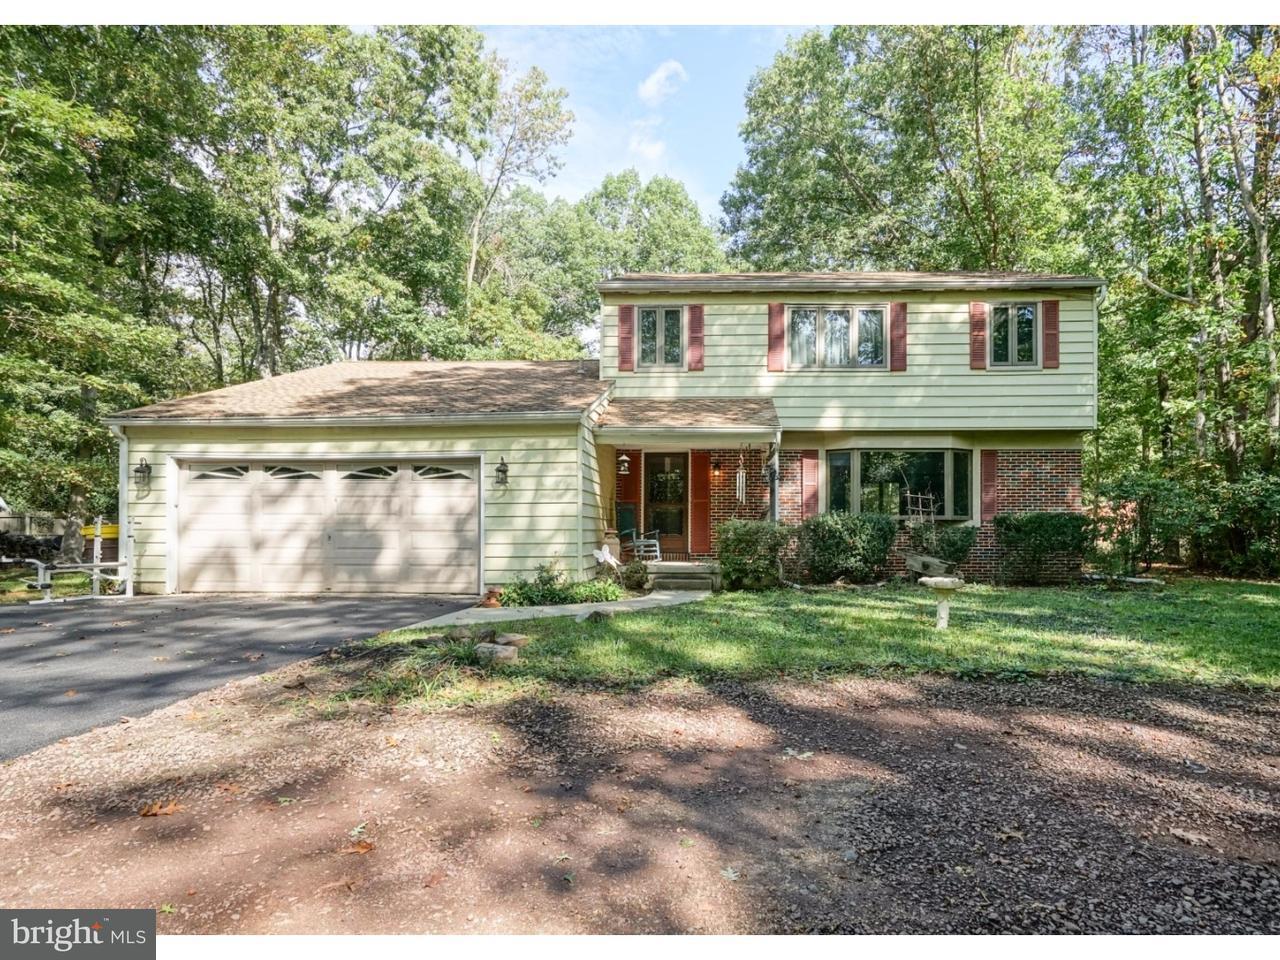 Casa Unifamiliar por un Venta en 5 SHAWNEE Trail Shamong, Nueva Jersey 08088 Estados Unidos